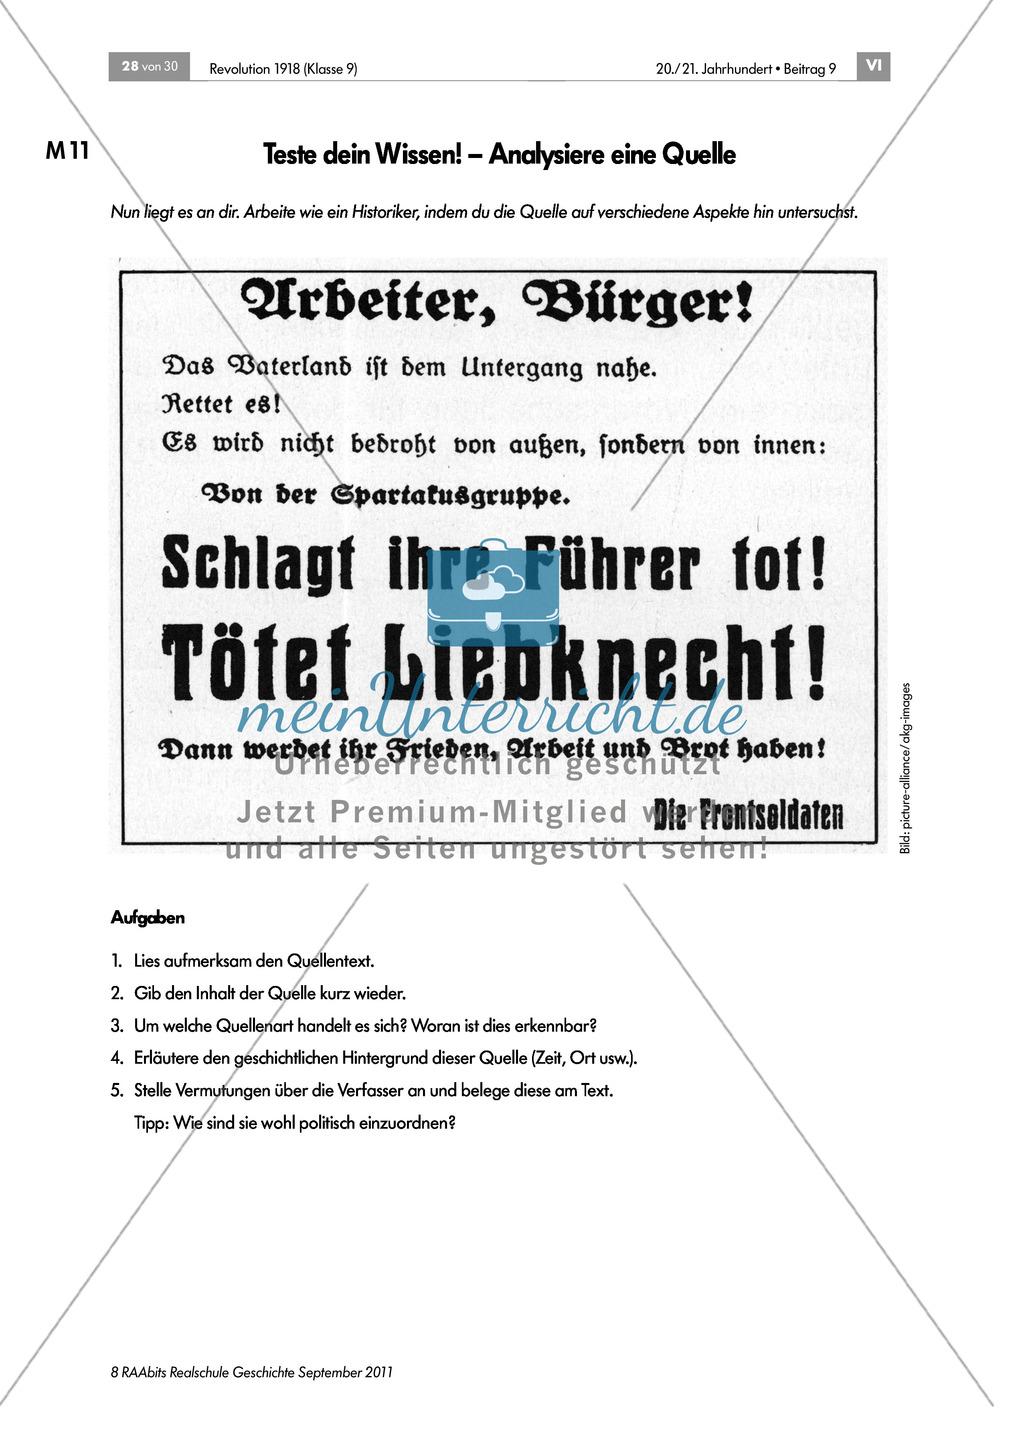 Quellen, Plakate, Flugblätter zum Spartakusbund und zur KPD in der Weimarer Republik mit Aufgaben Preview 10